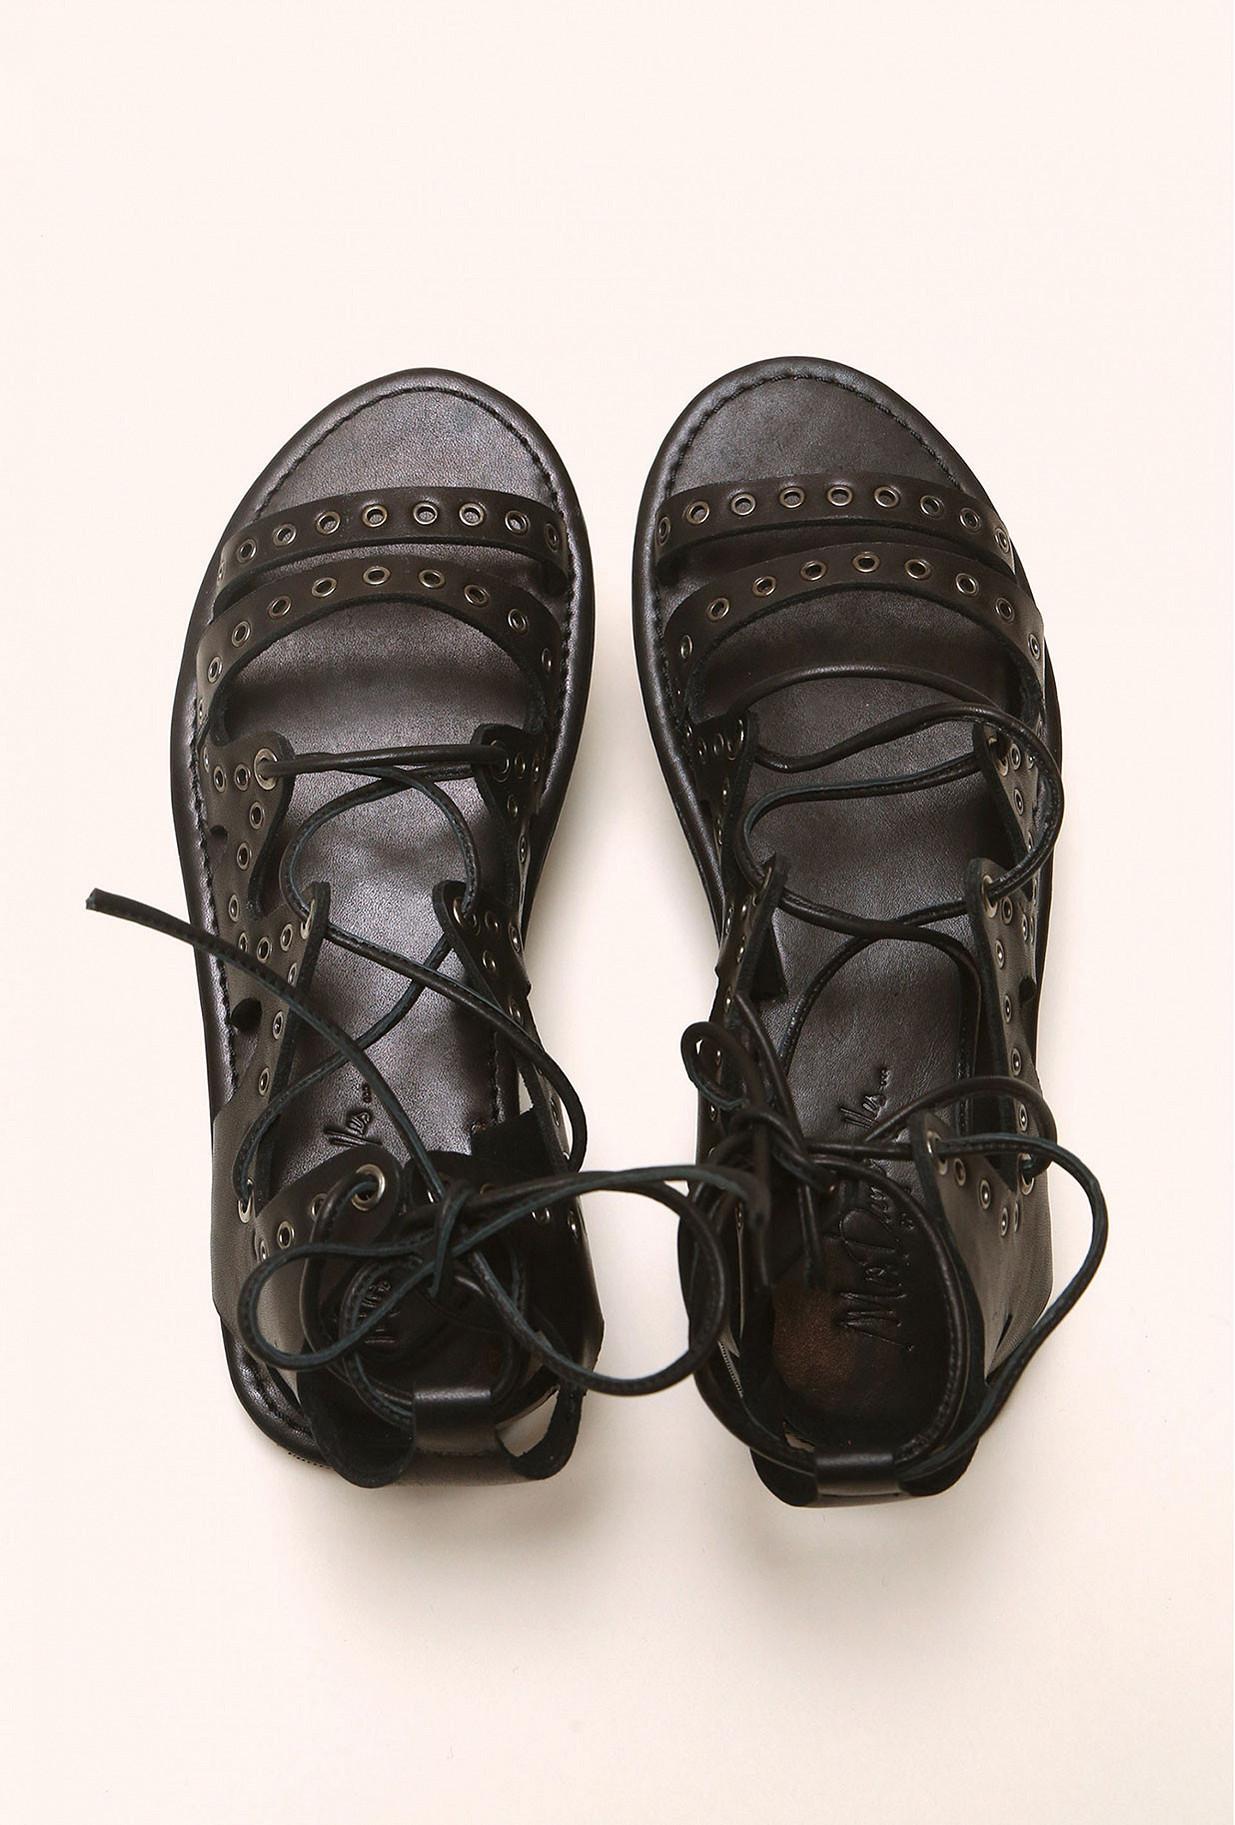 Sandales Noir  Nirvana mes demoiselles paris vêtement femme paris